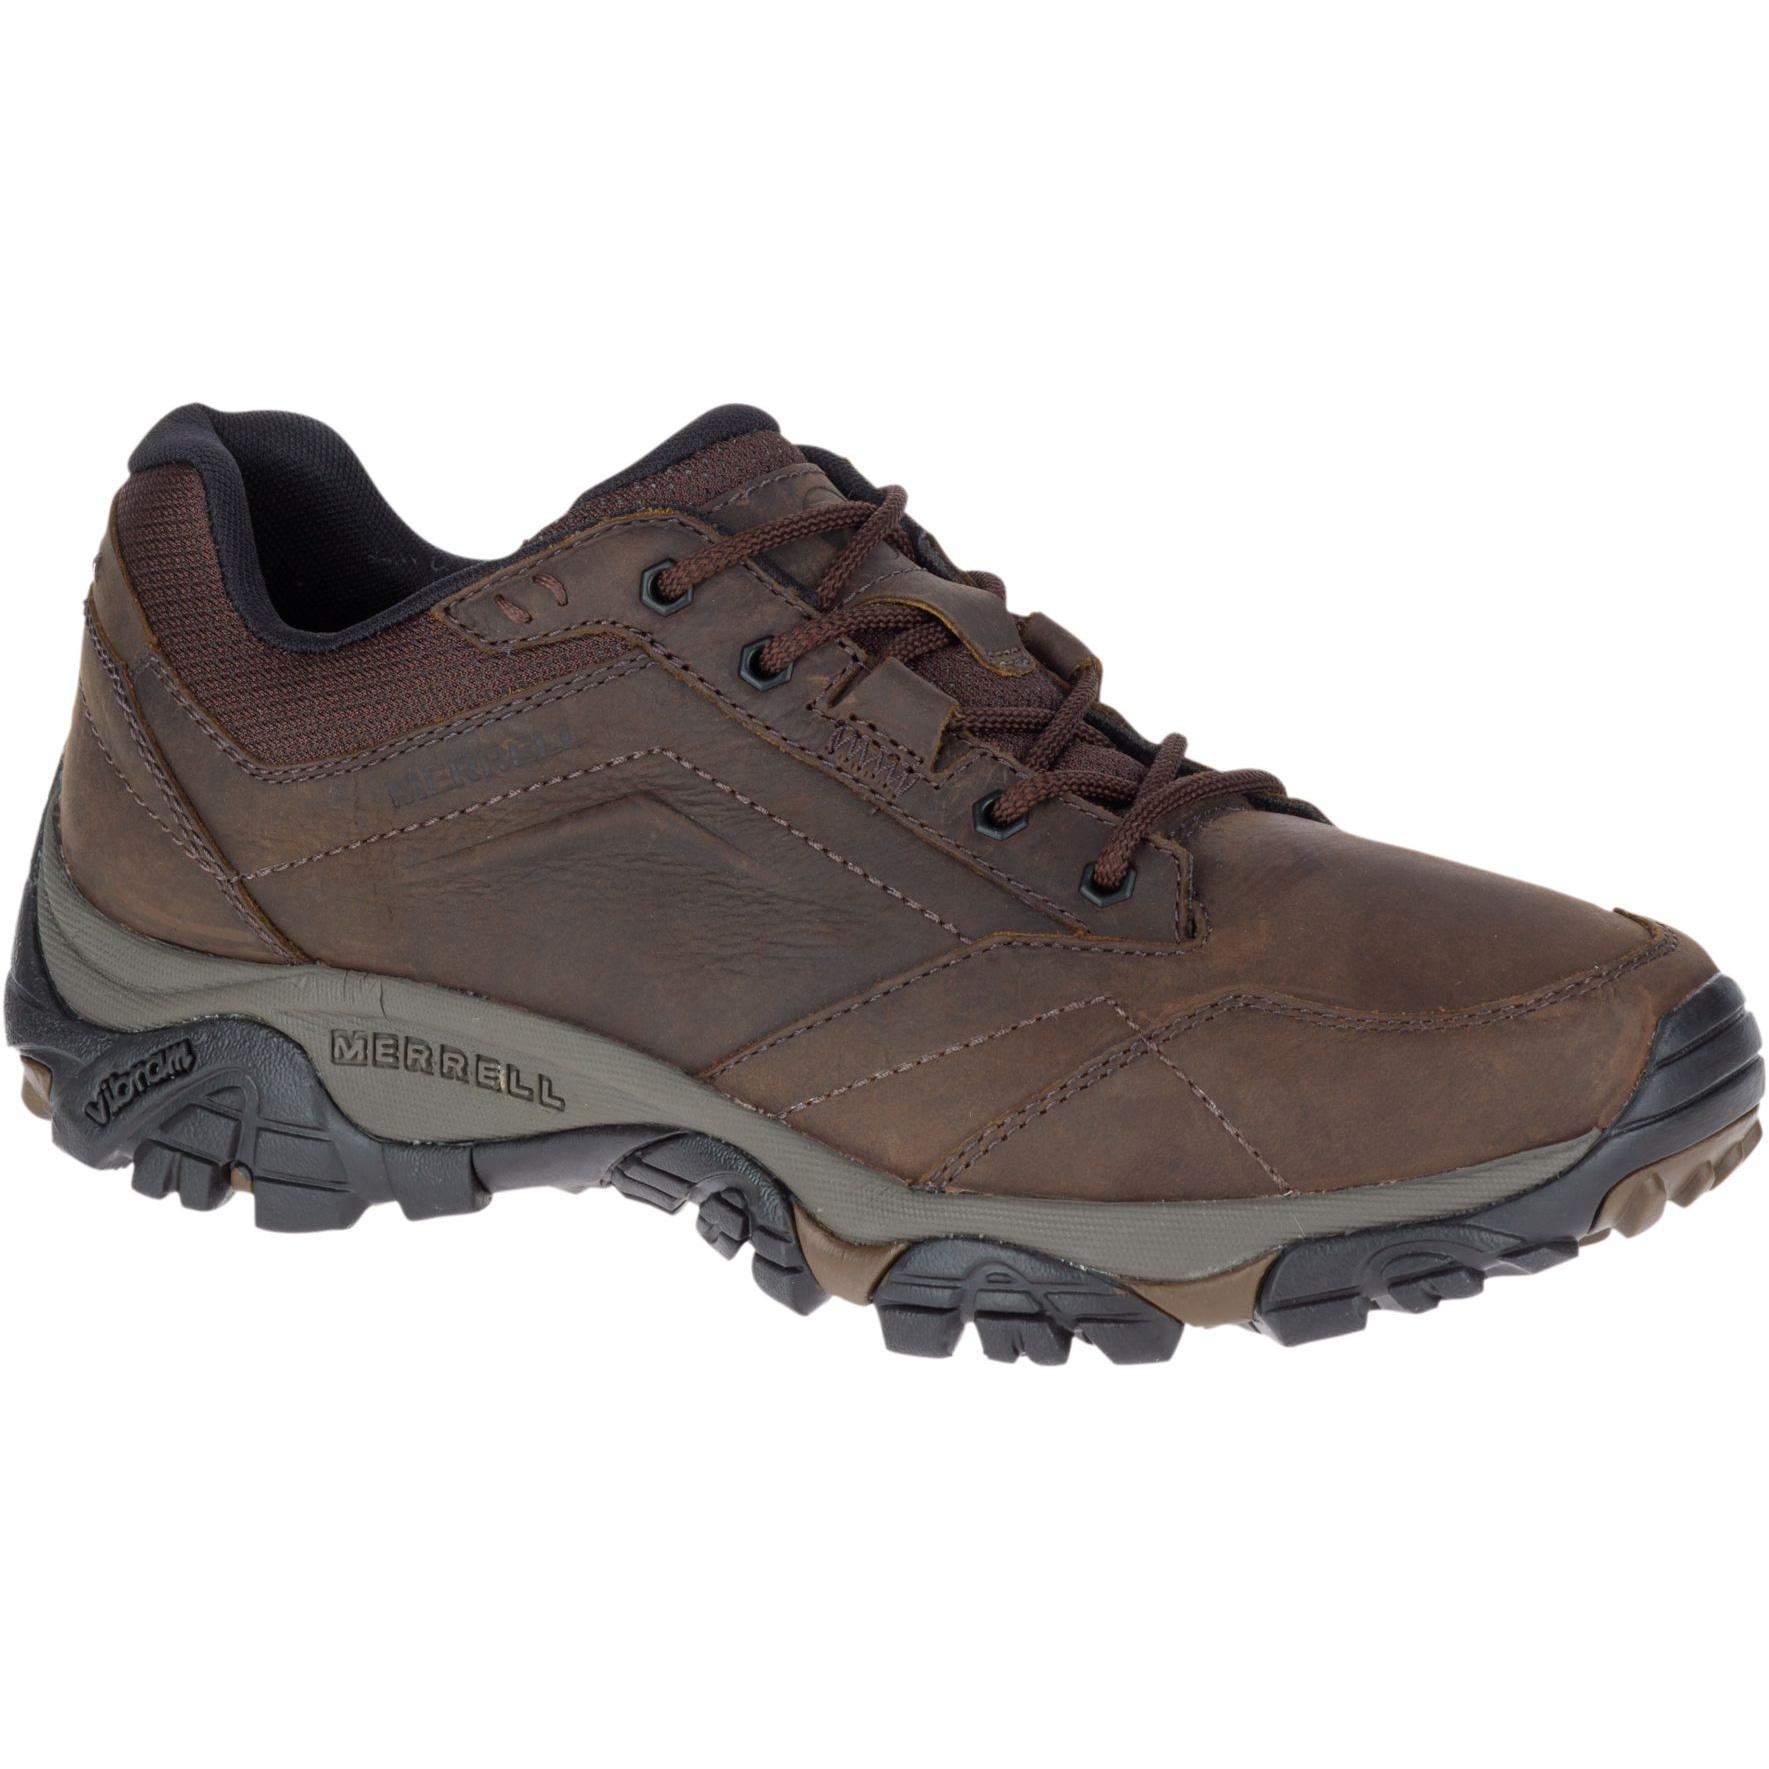 Moab Adventure Lace Shoe - Men's